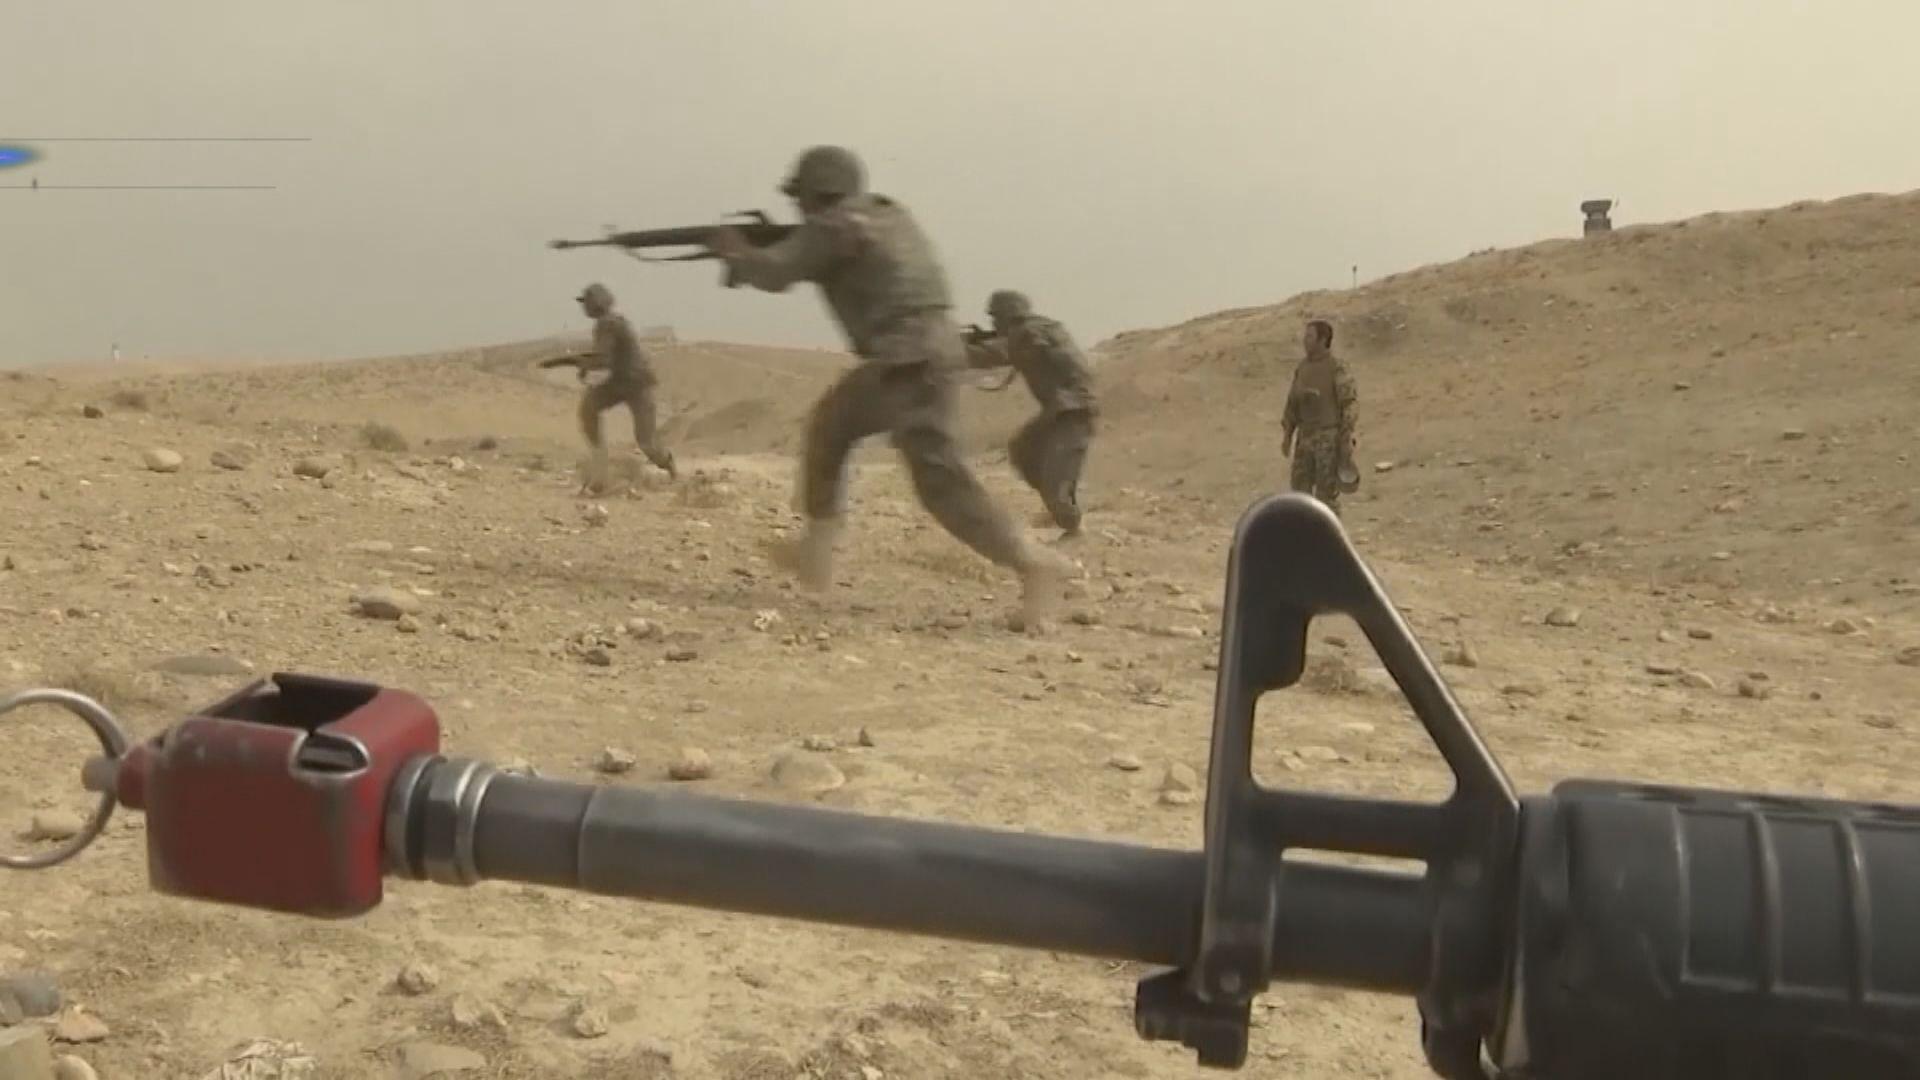 報道指美國九月完成自阿富汗撤軍